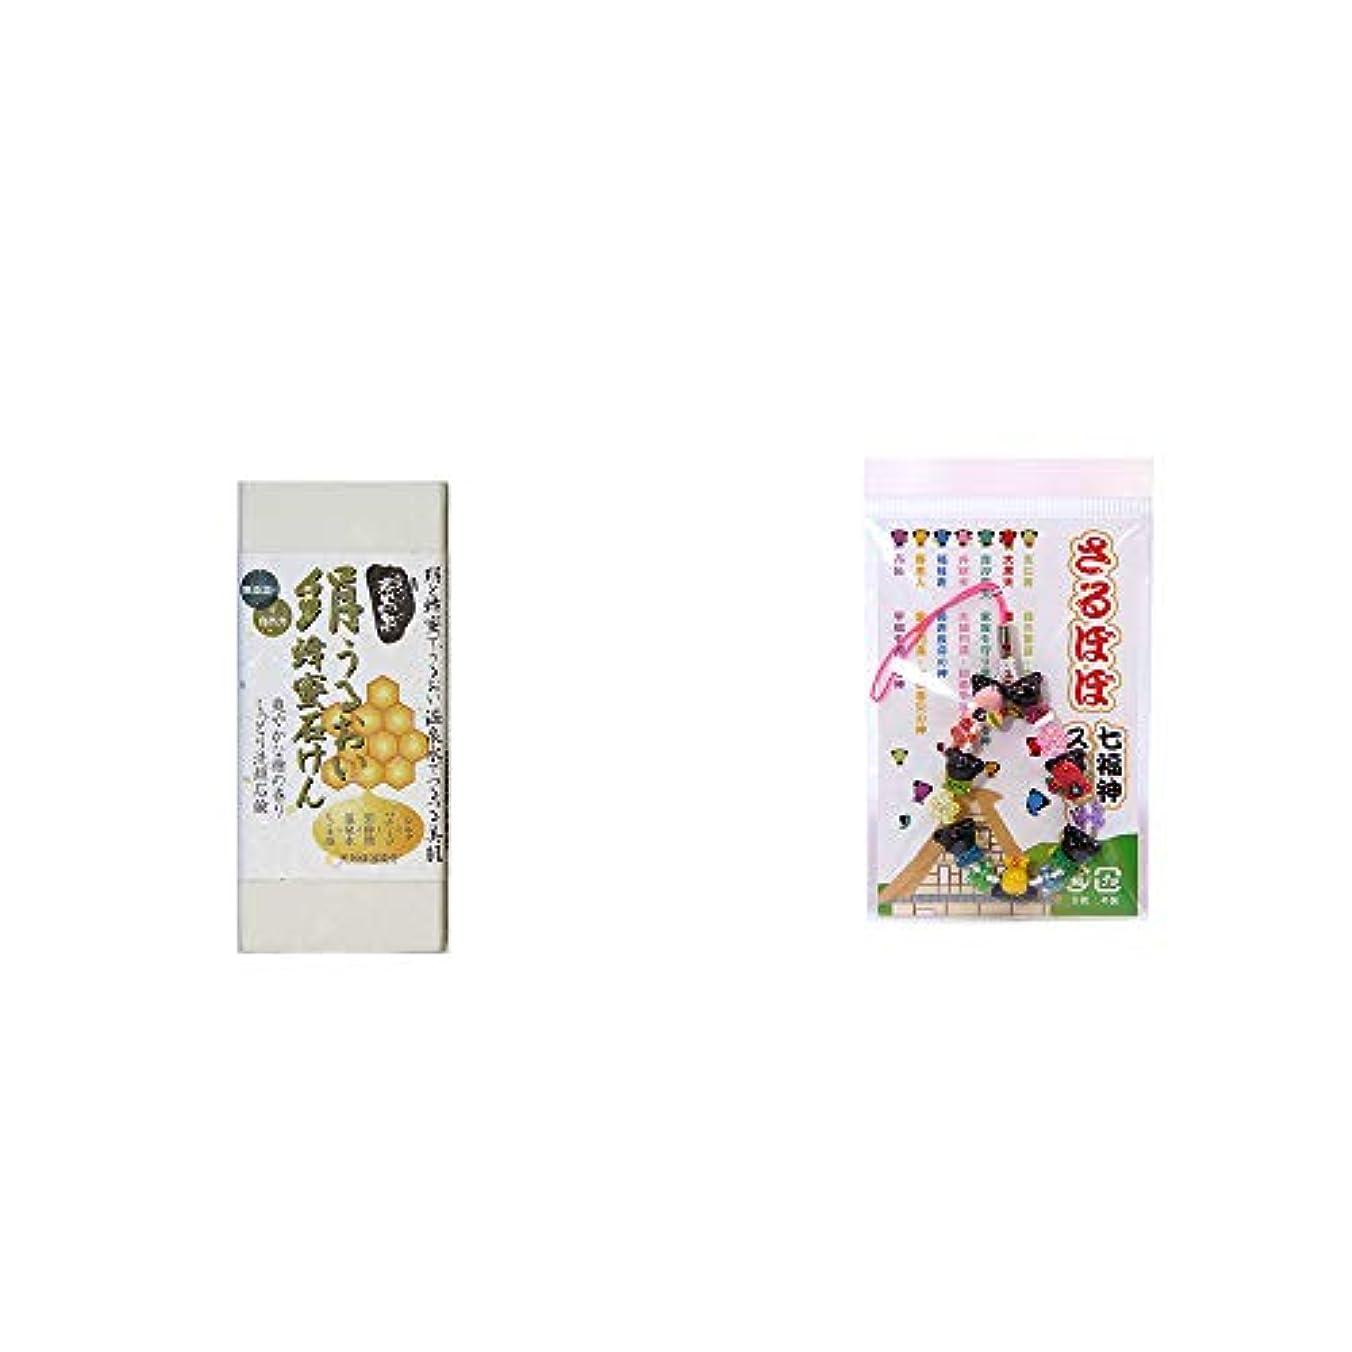 操る量ピンチ[2点セット] ひのき炭黒泉 絹うるおい蜂蜜石けん(75g×2)?さるぼぼ七福神ストラップ/縁結び?魔除け //